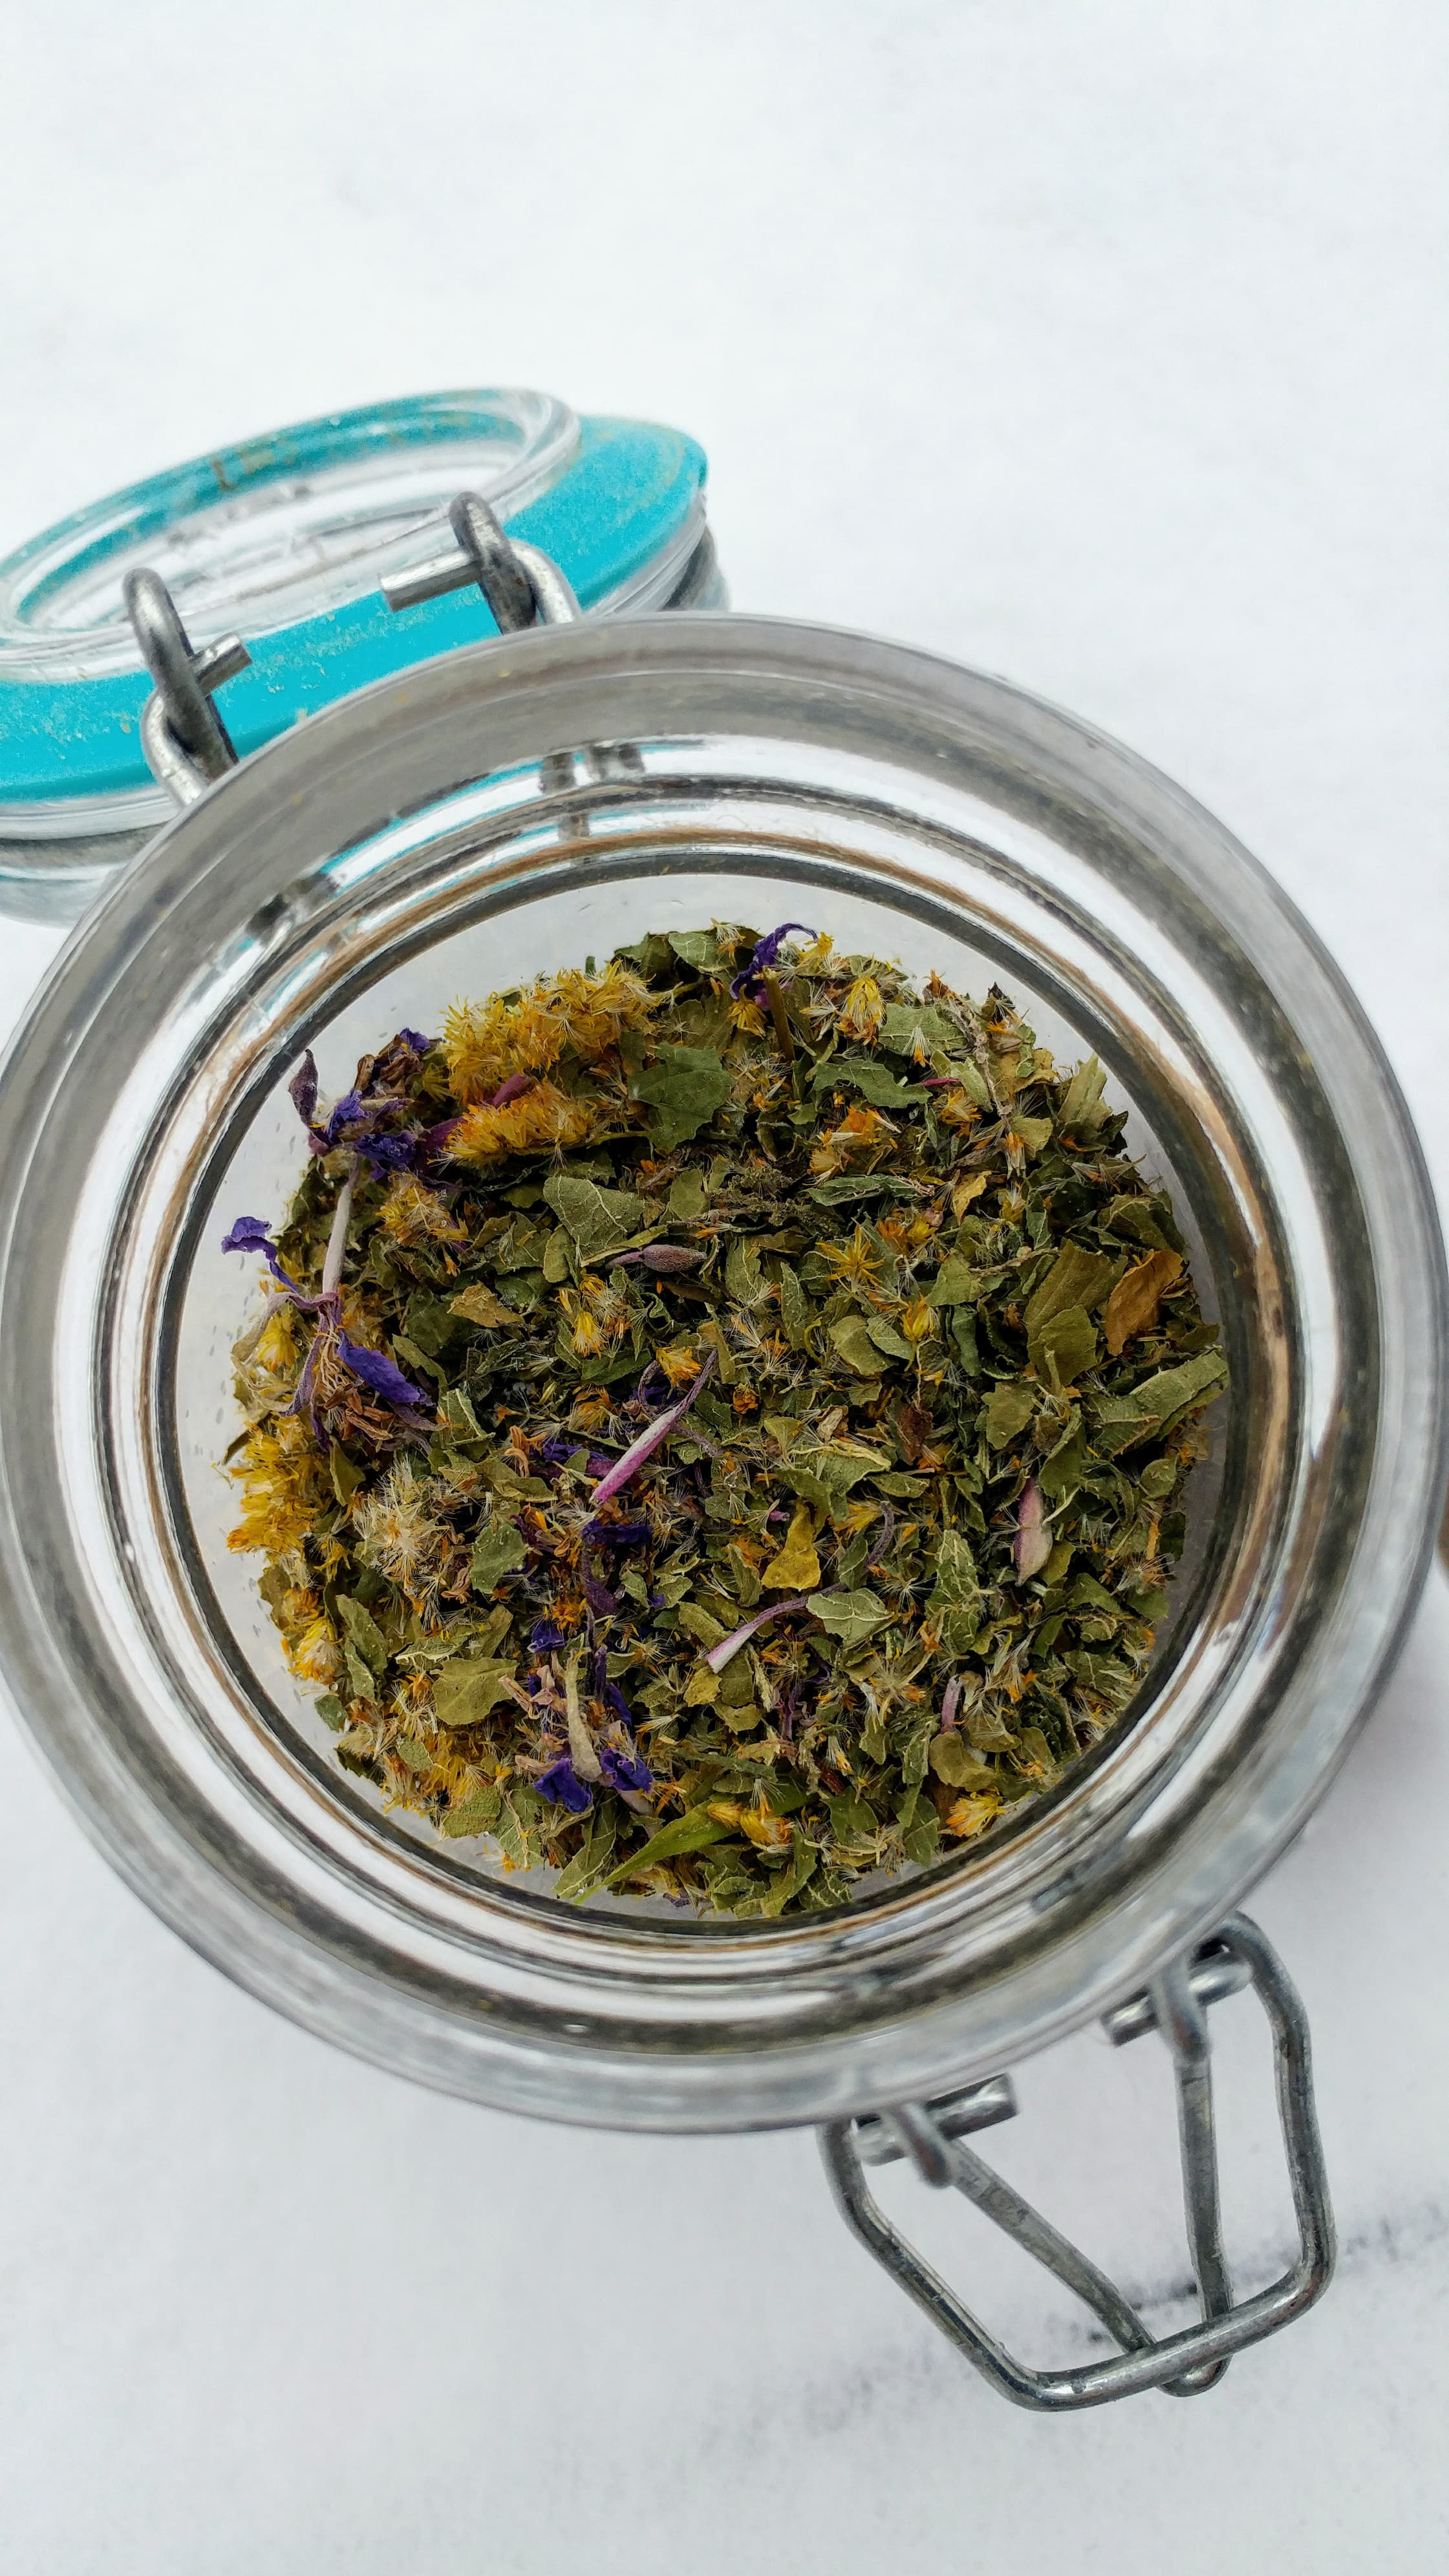 Infusion mystère, guerison du coeur et de l'âme. 1 cuillère à thé infusée dans 1 tasse d'eau, à prendre 2 fois par jour.